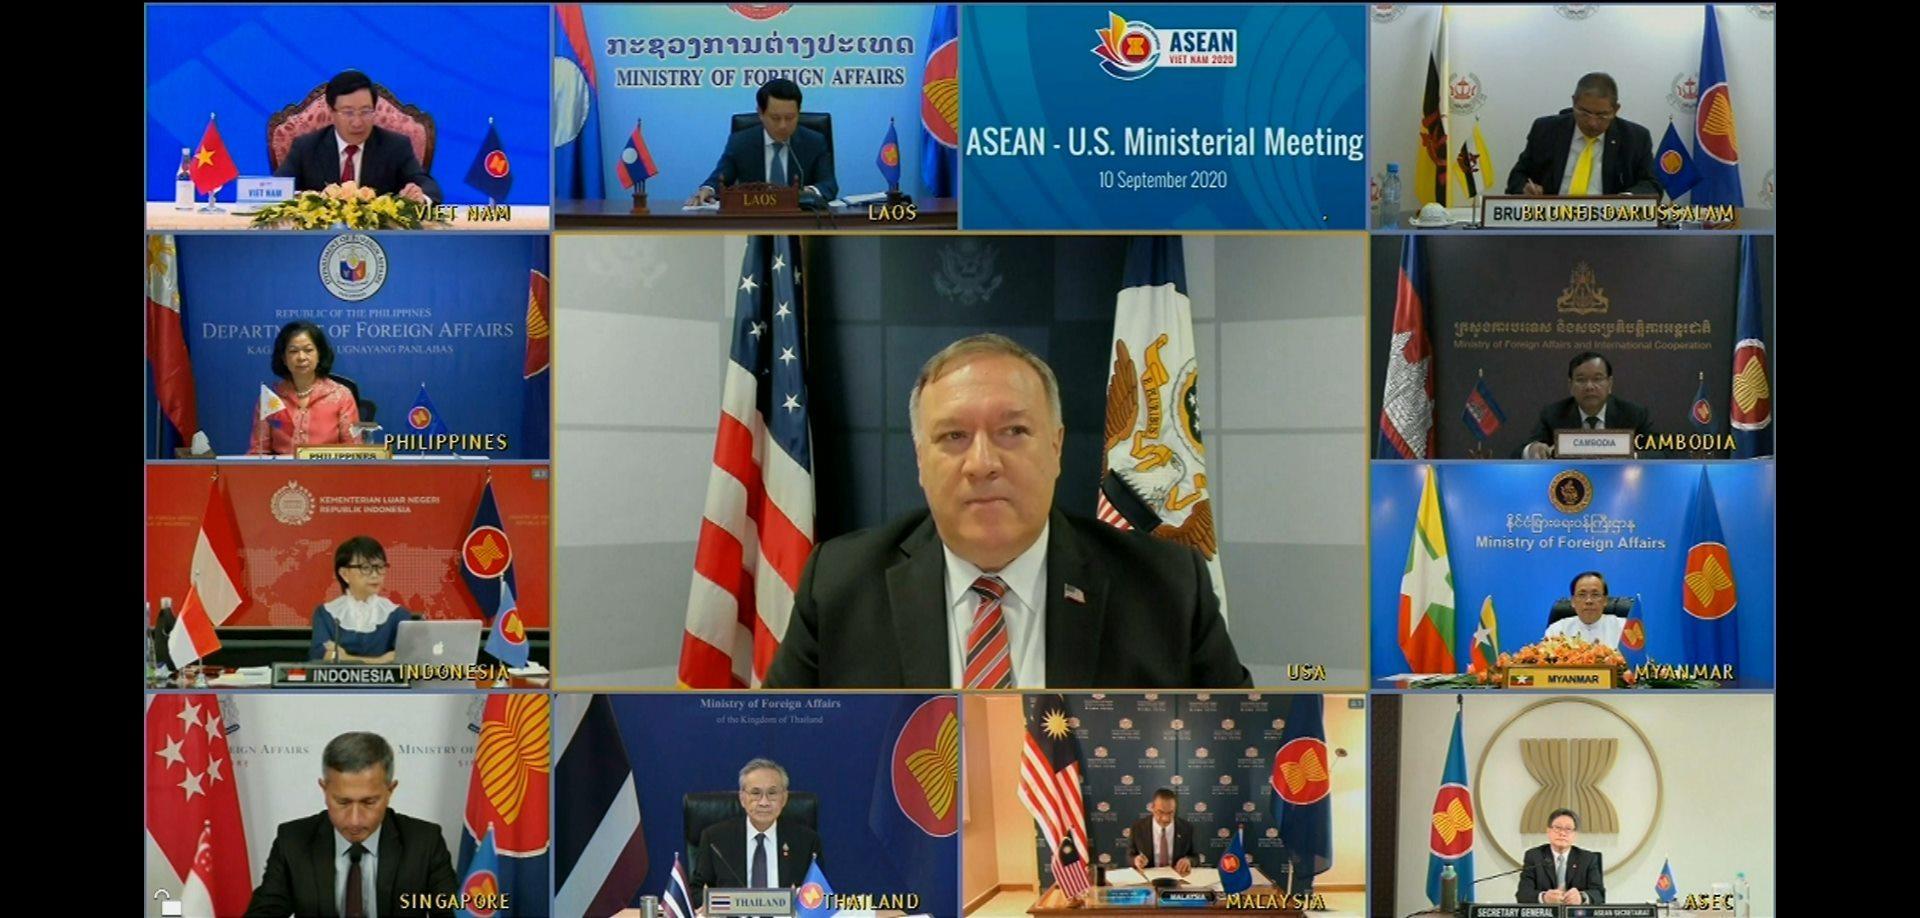 Mỹ khẳng định sát cánh cùng ASEAN về vấn đề Biển Đông